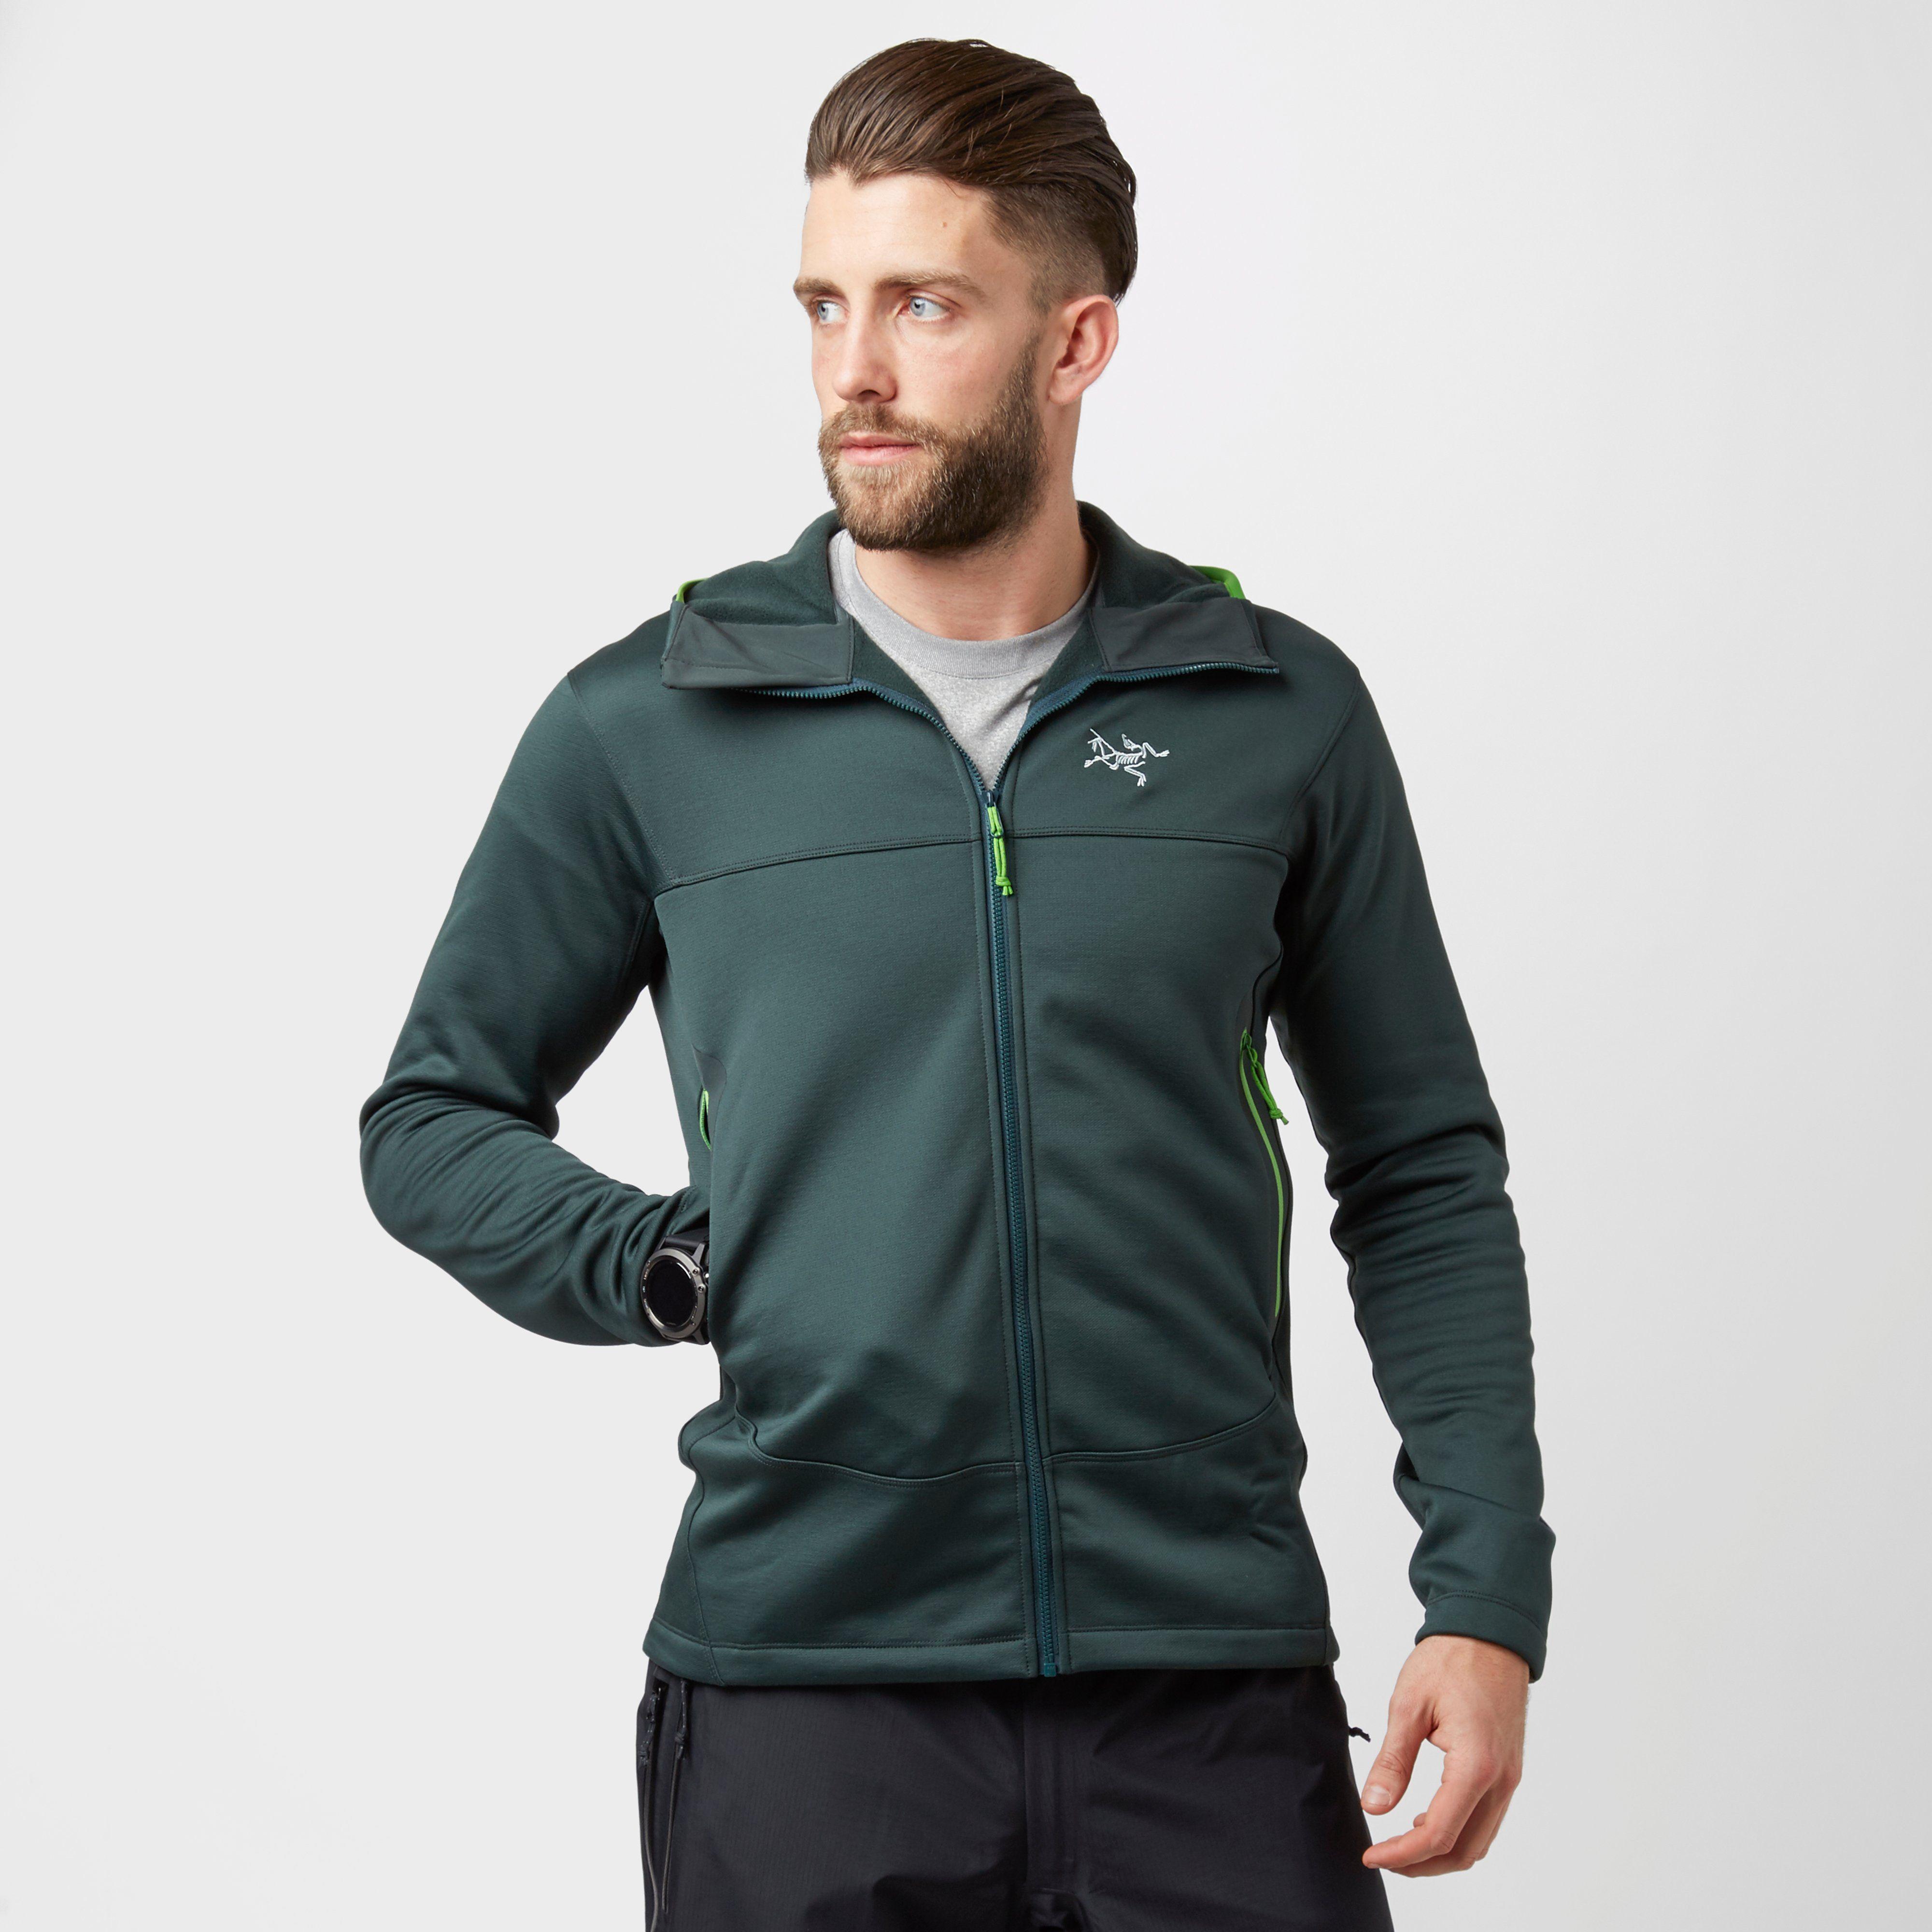 ARC'TERYX Men's Arenite Hooded Fleece